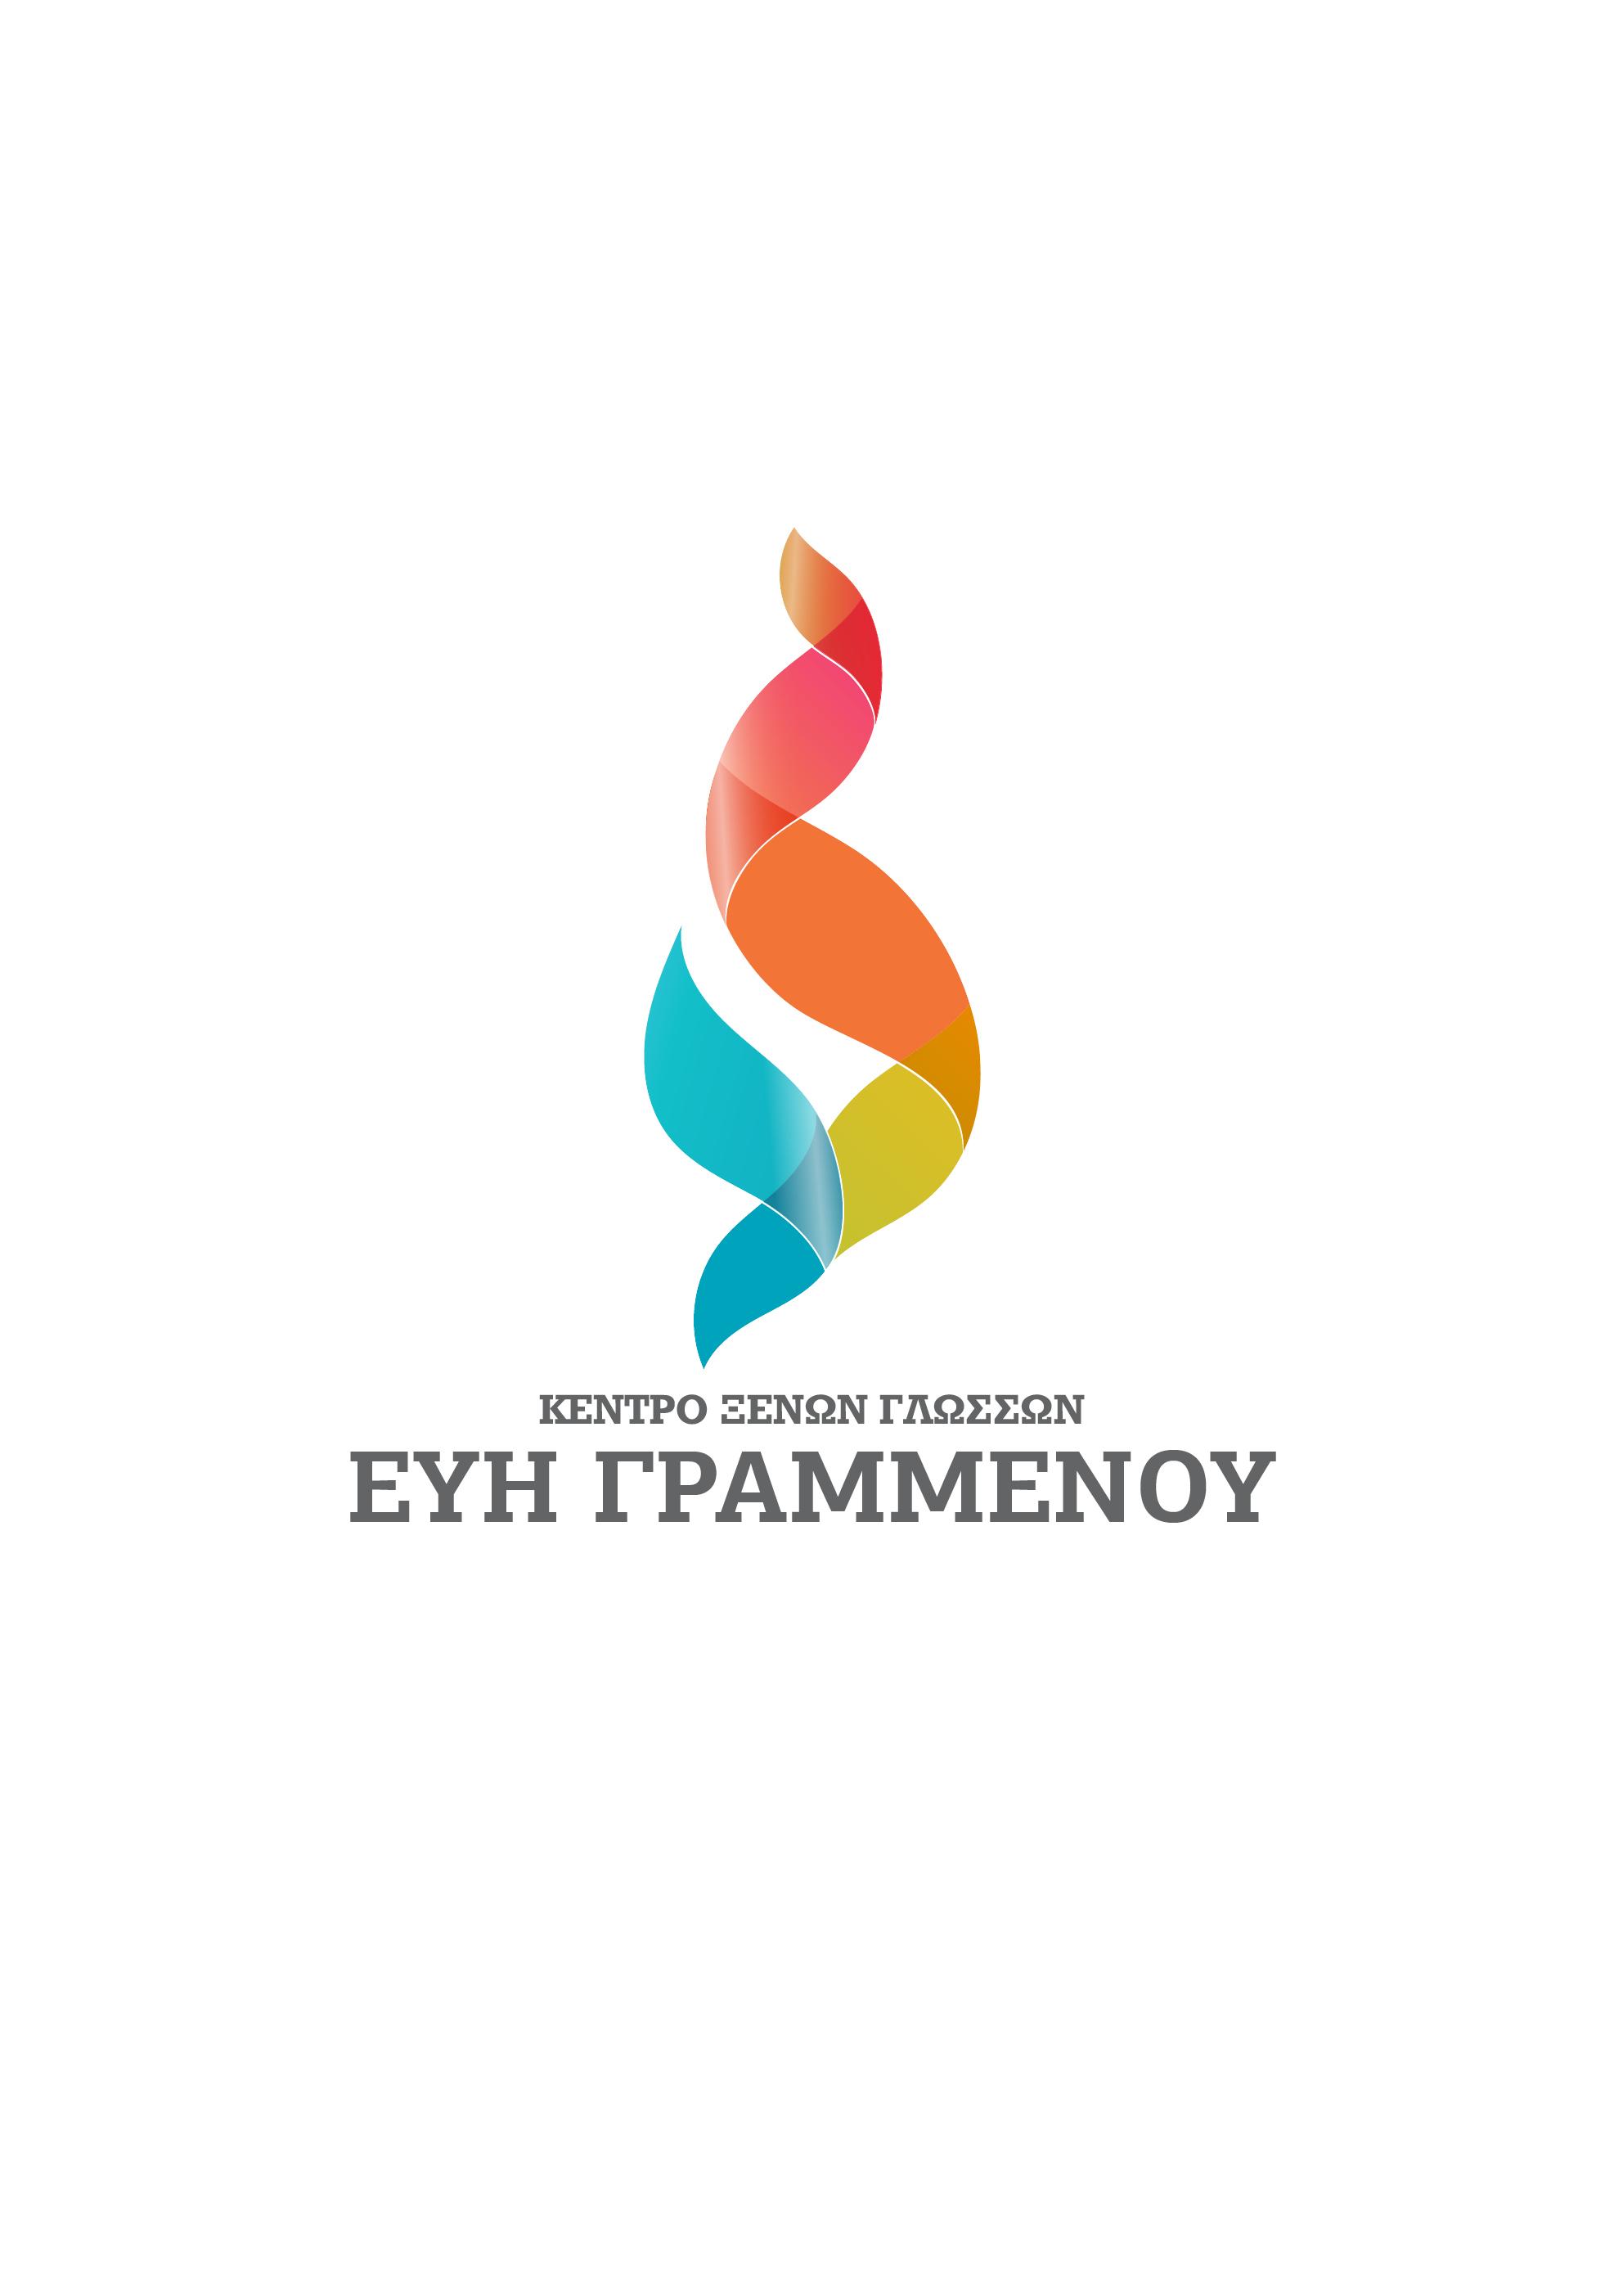 www.evigrammenou.gr